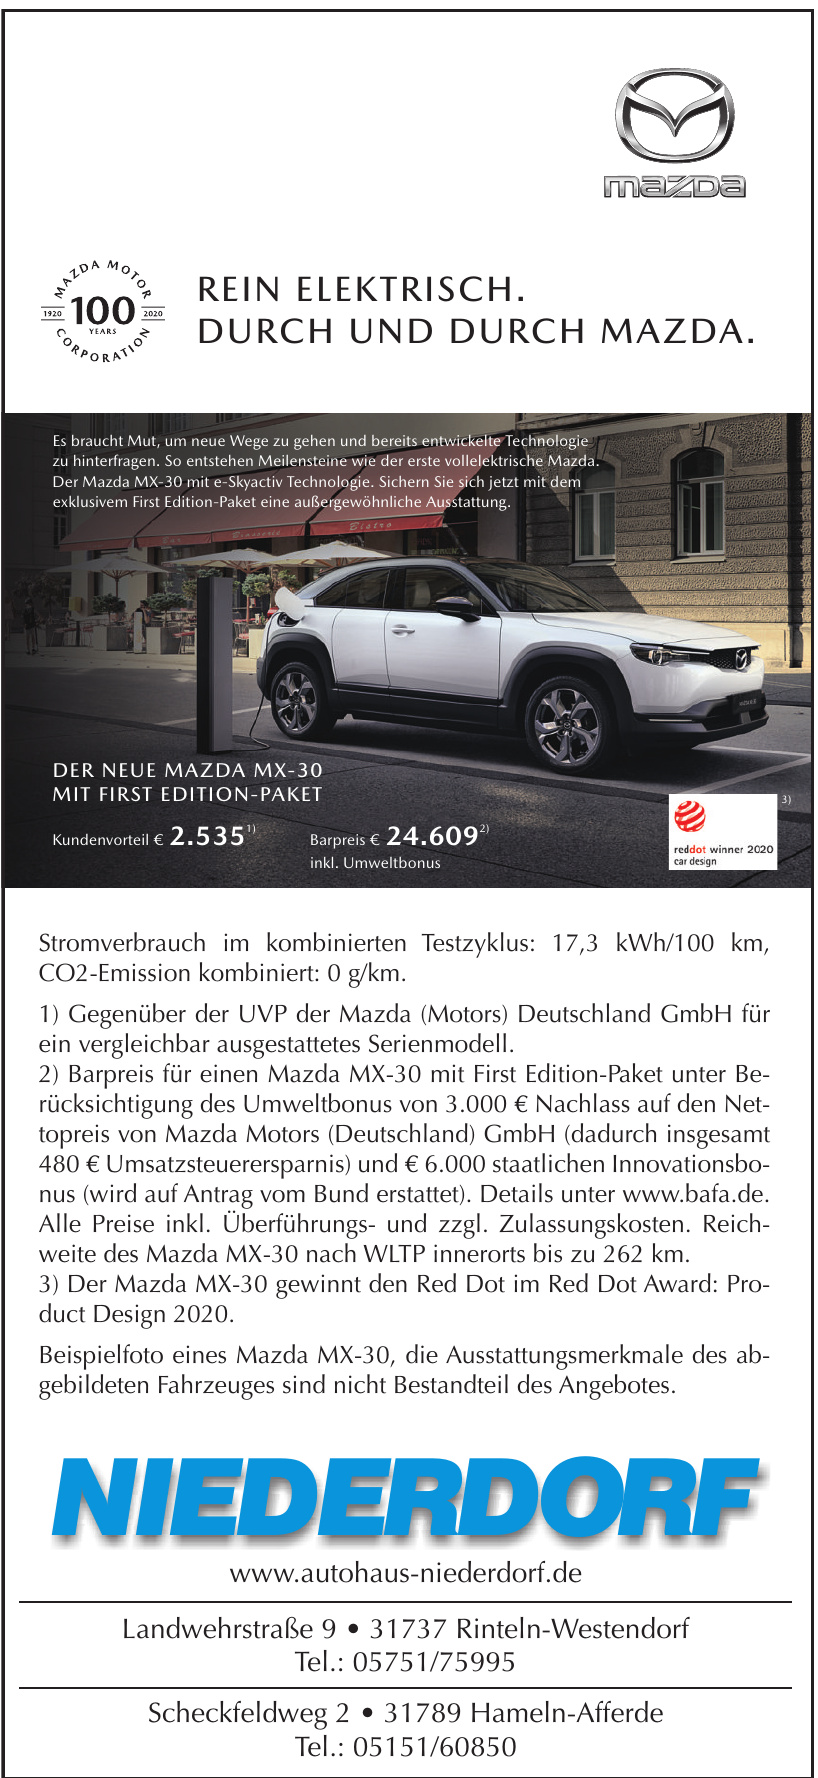 Autohaus Niederdorf